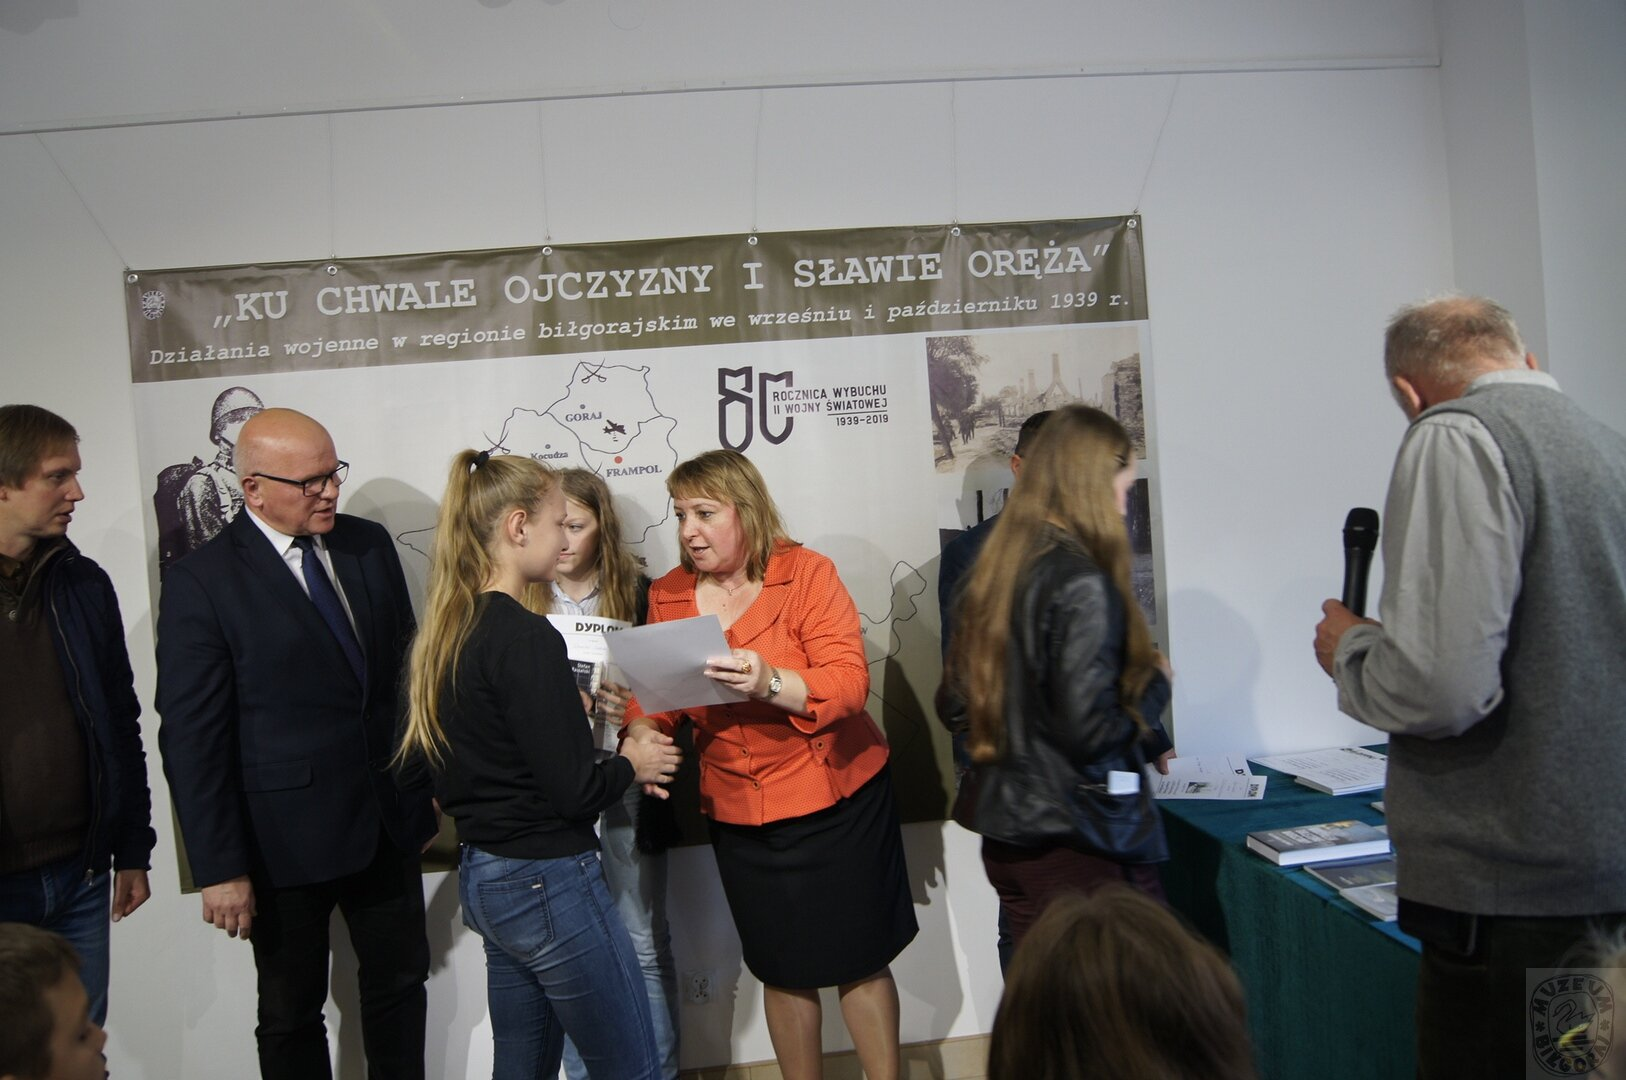 konk_kampania_wrzesniowa_2019_fot_24